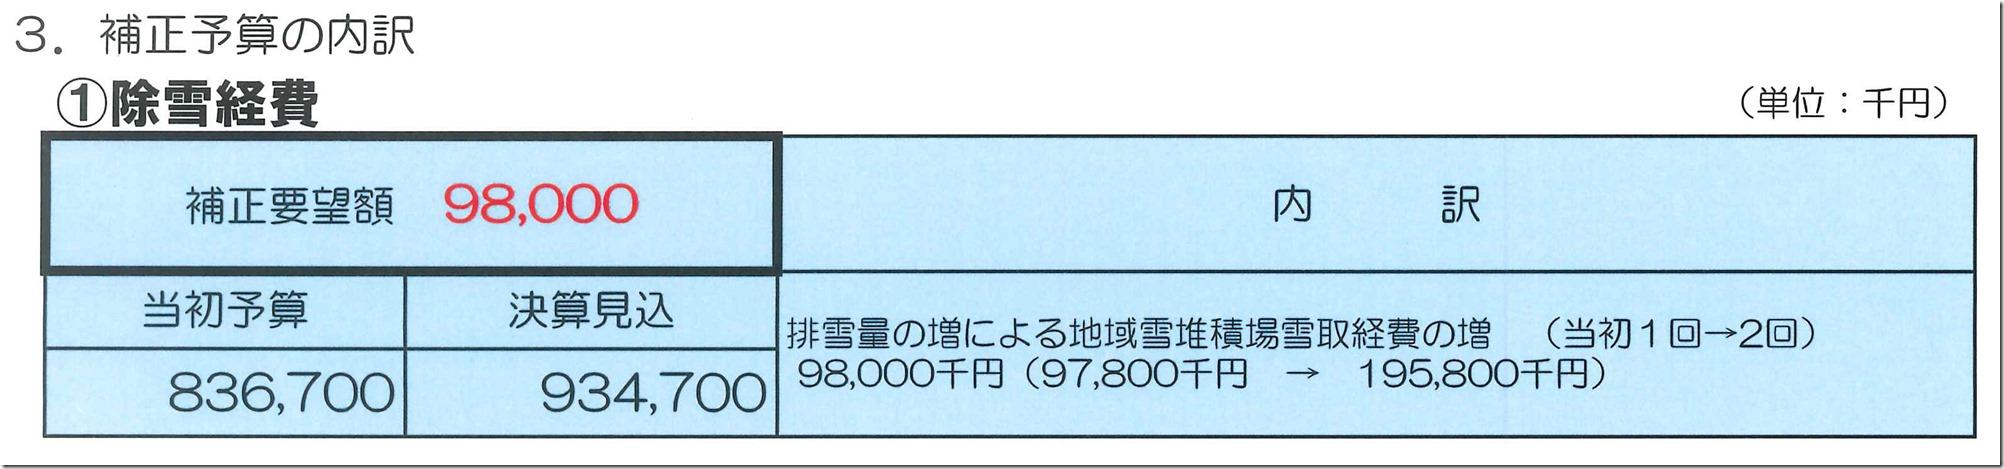 3補正予算の内訳(除雪経費)